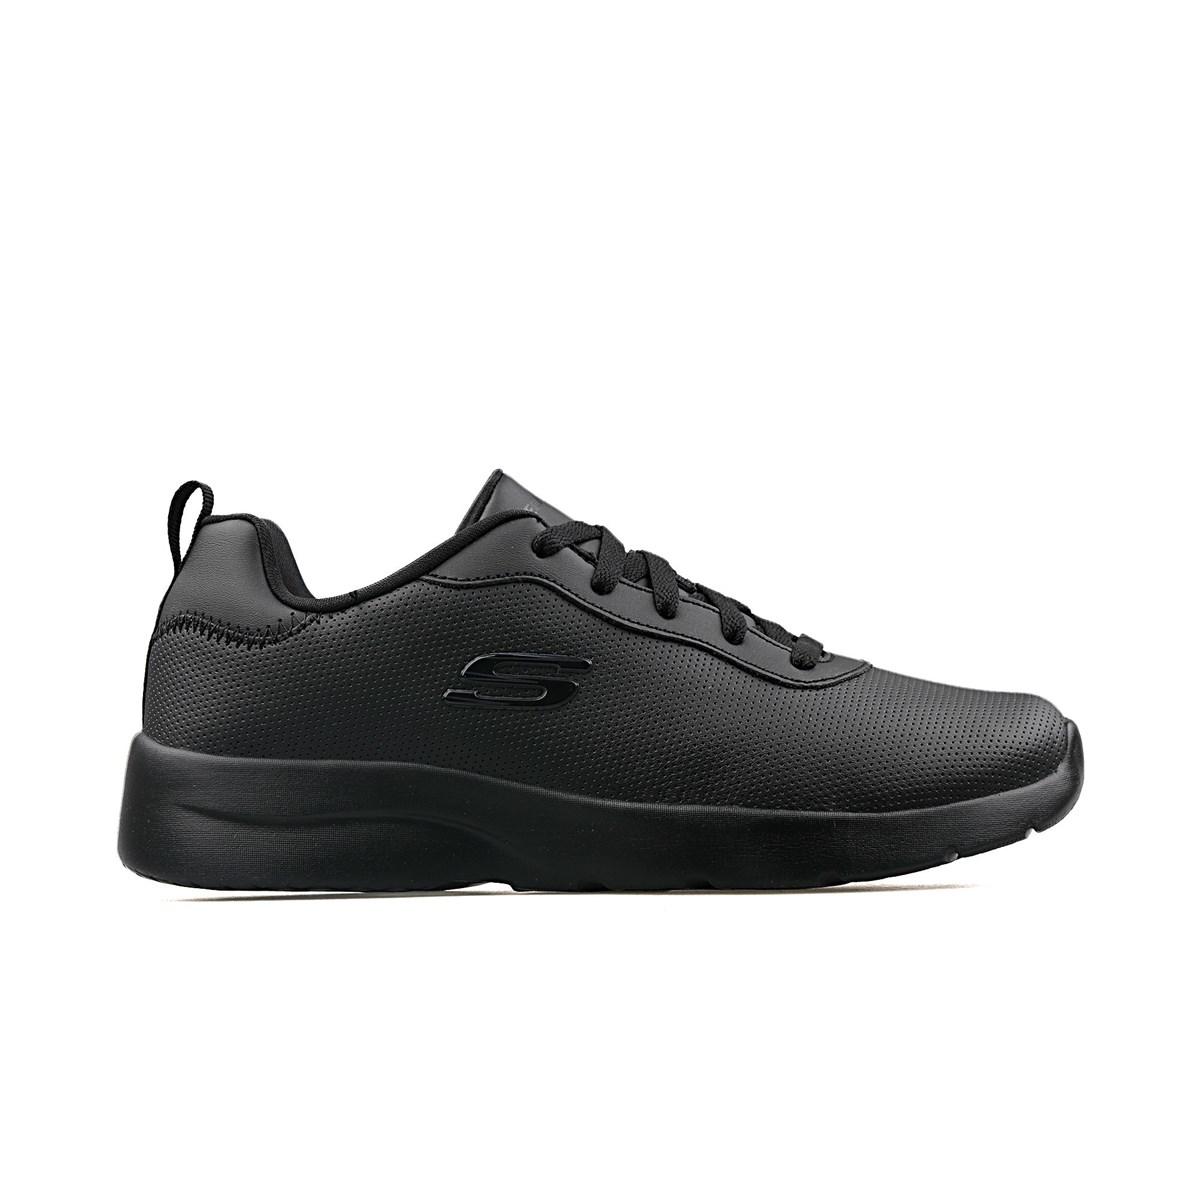 Dynamight 2.0 Kadın Siyah Spor Ayakkabı